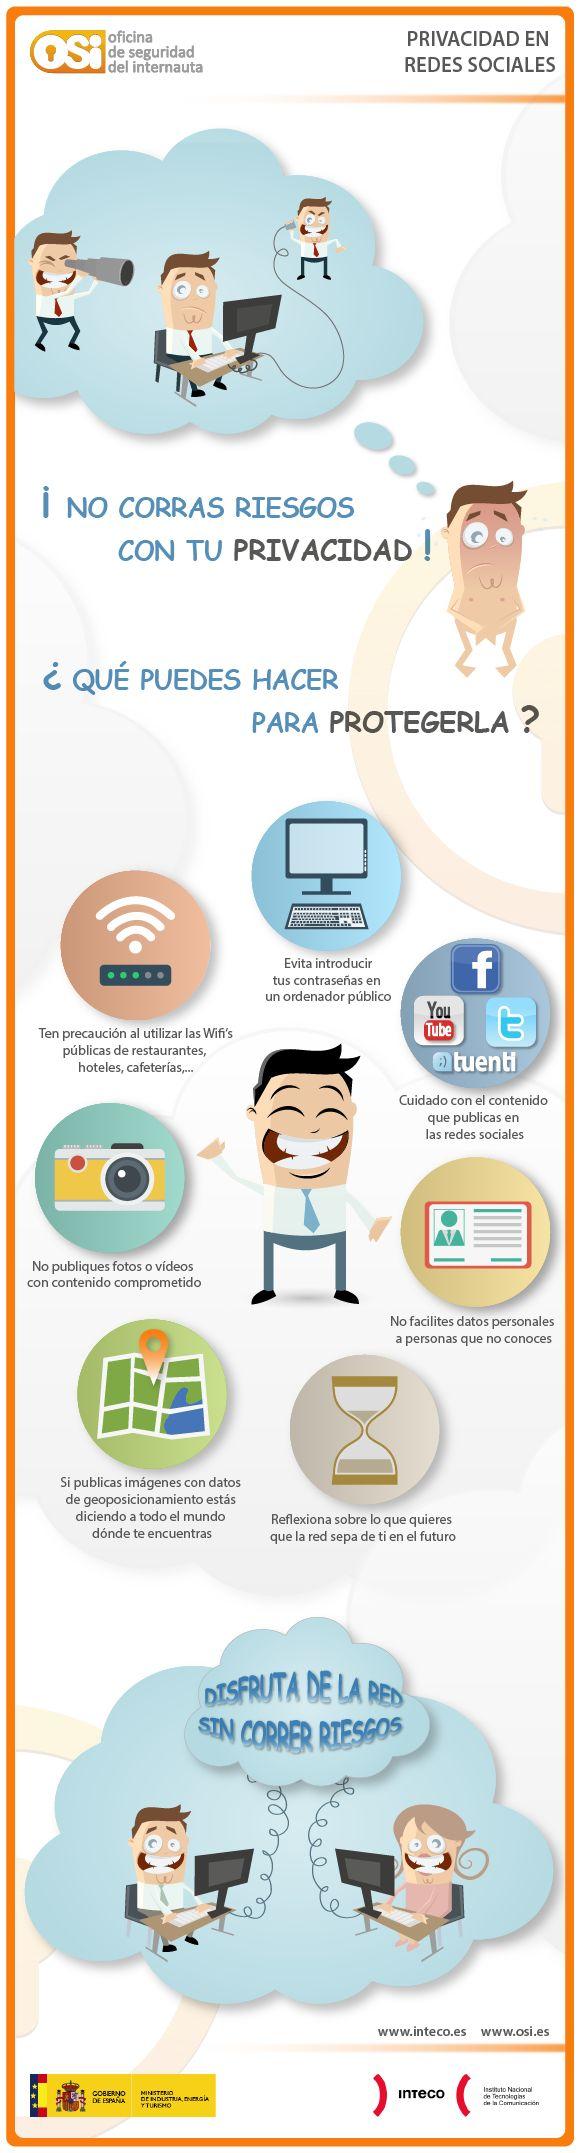 Privacidad en las Redes Sociales #infografia #infographic #socialmedia #redessociales